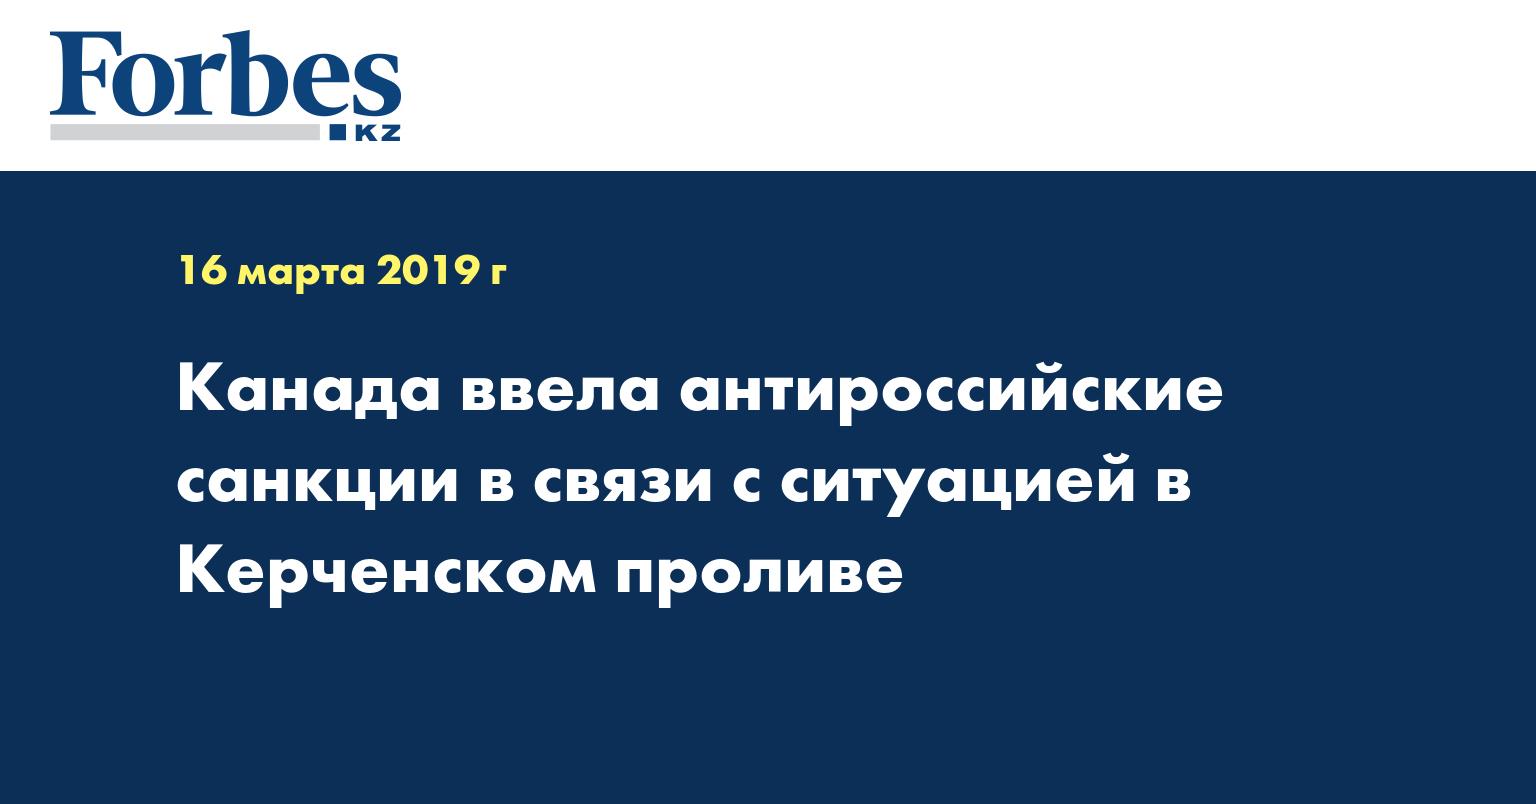 Канада ввела антироссийские санкции в связи с ситуацией в Керченском проливе